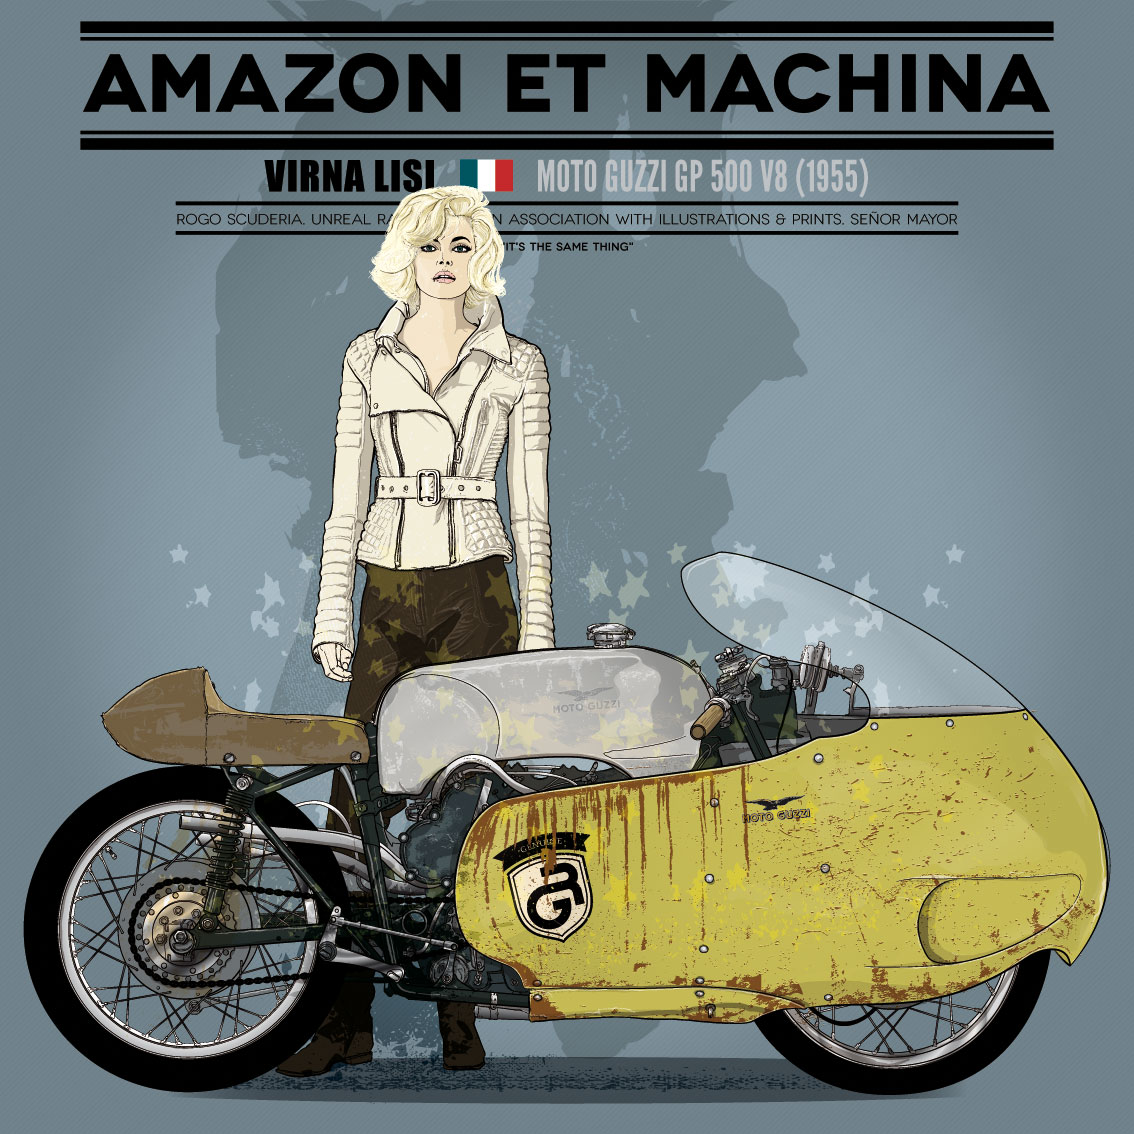 Virna y su Moto Guzzi. Amazona y máquina